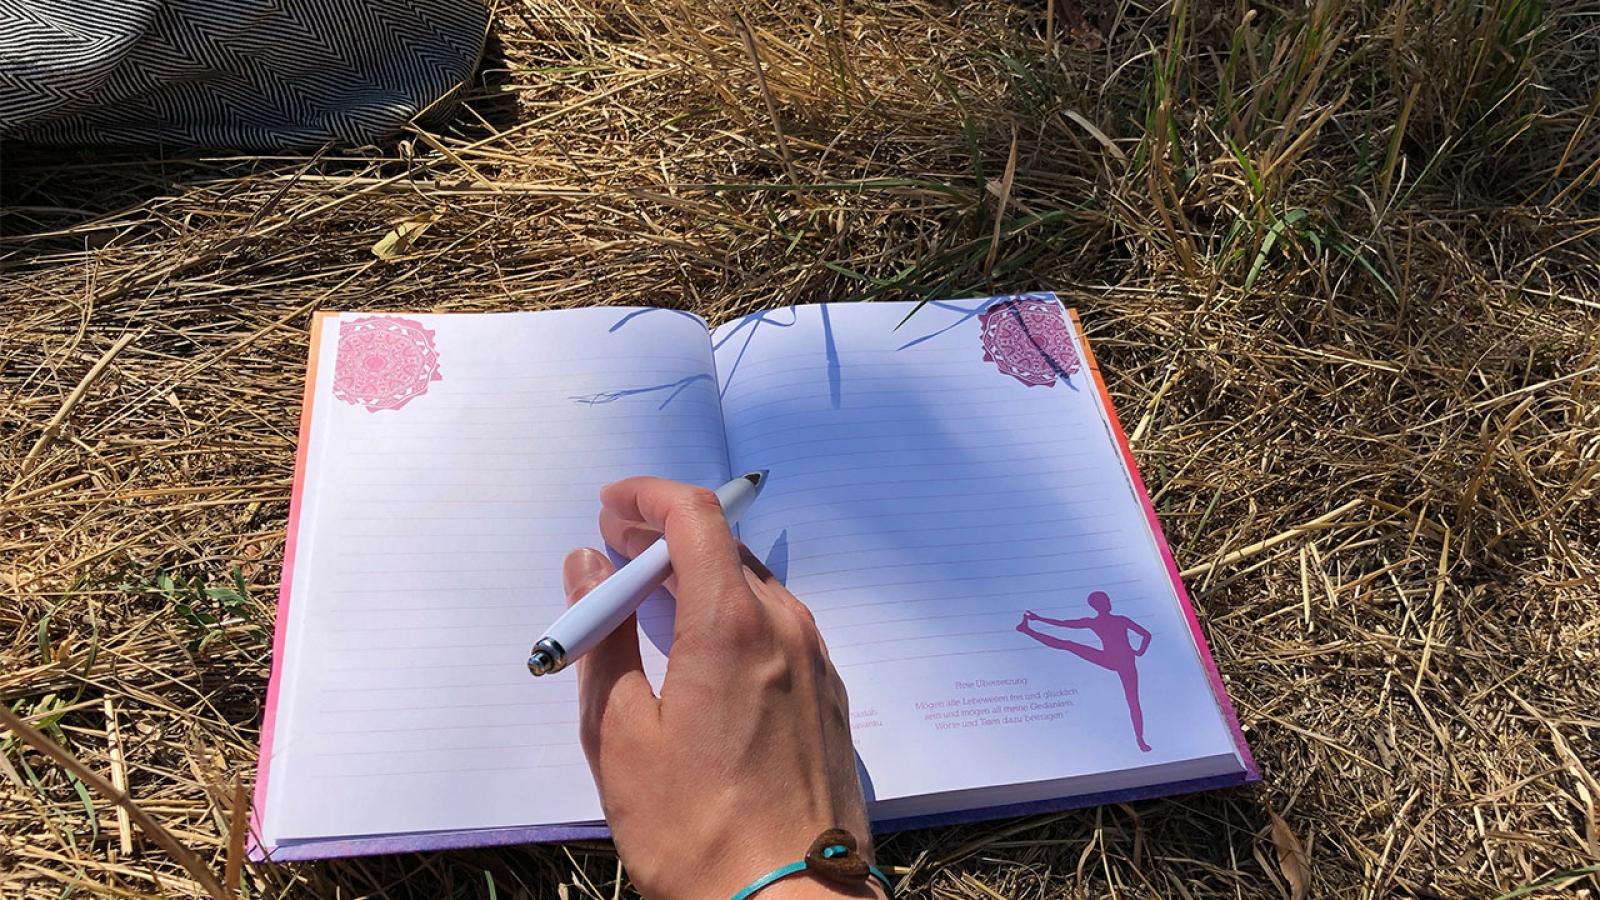 Journaling ist eine tolle Möglichkeit, seine Achtsamkeit zu schulen und positiv in den Tag zu starten.